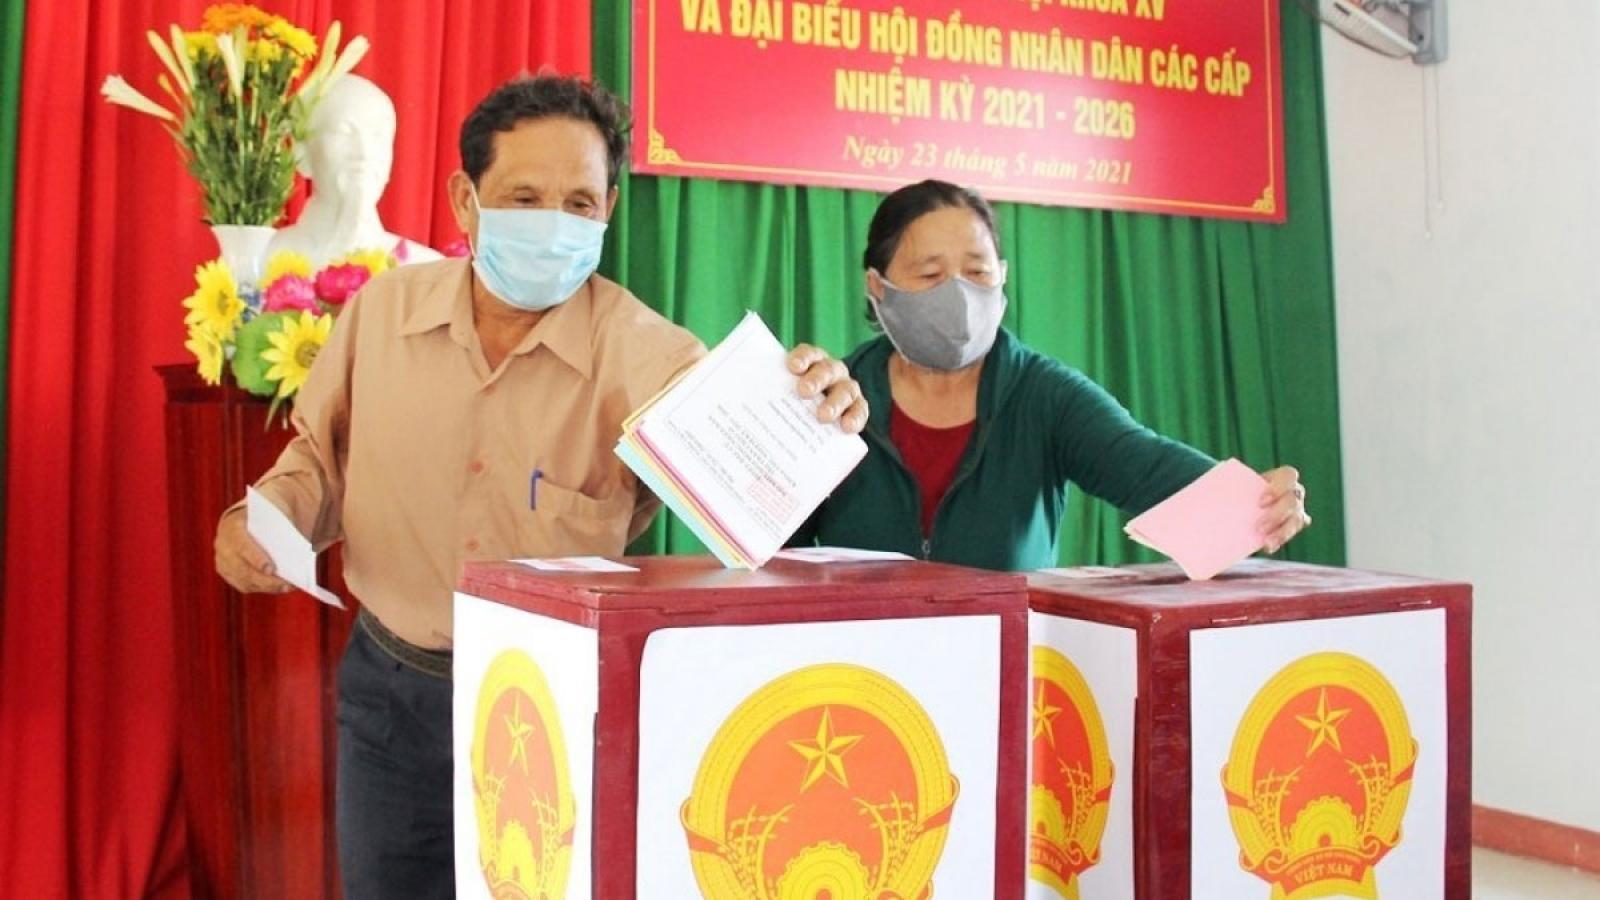 Hôm nay, Hà Nội và Đắk Lắk tổ chức bầu cử lại tại 1 số đơn vị bầu cử